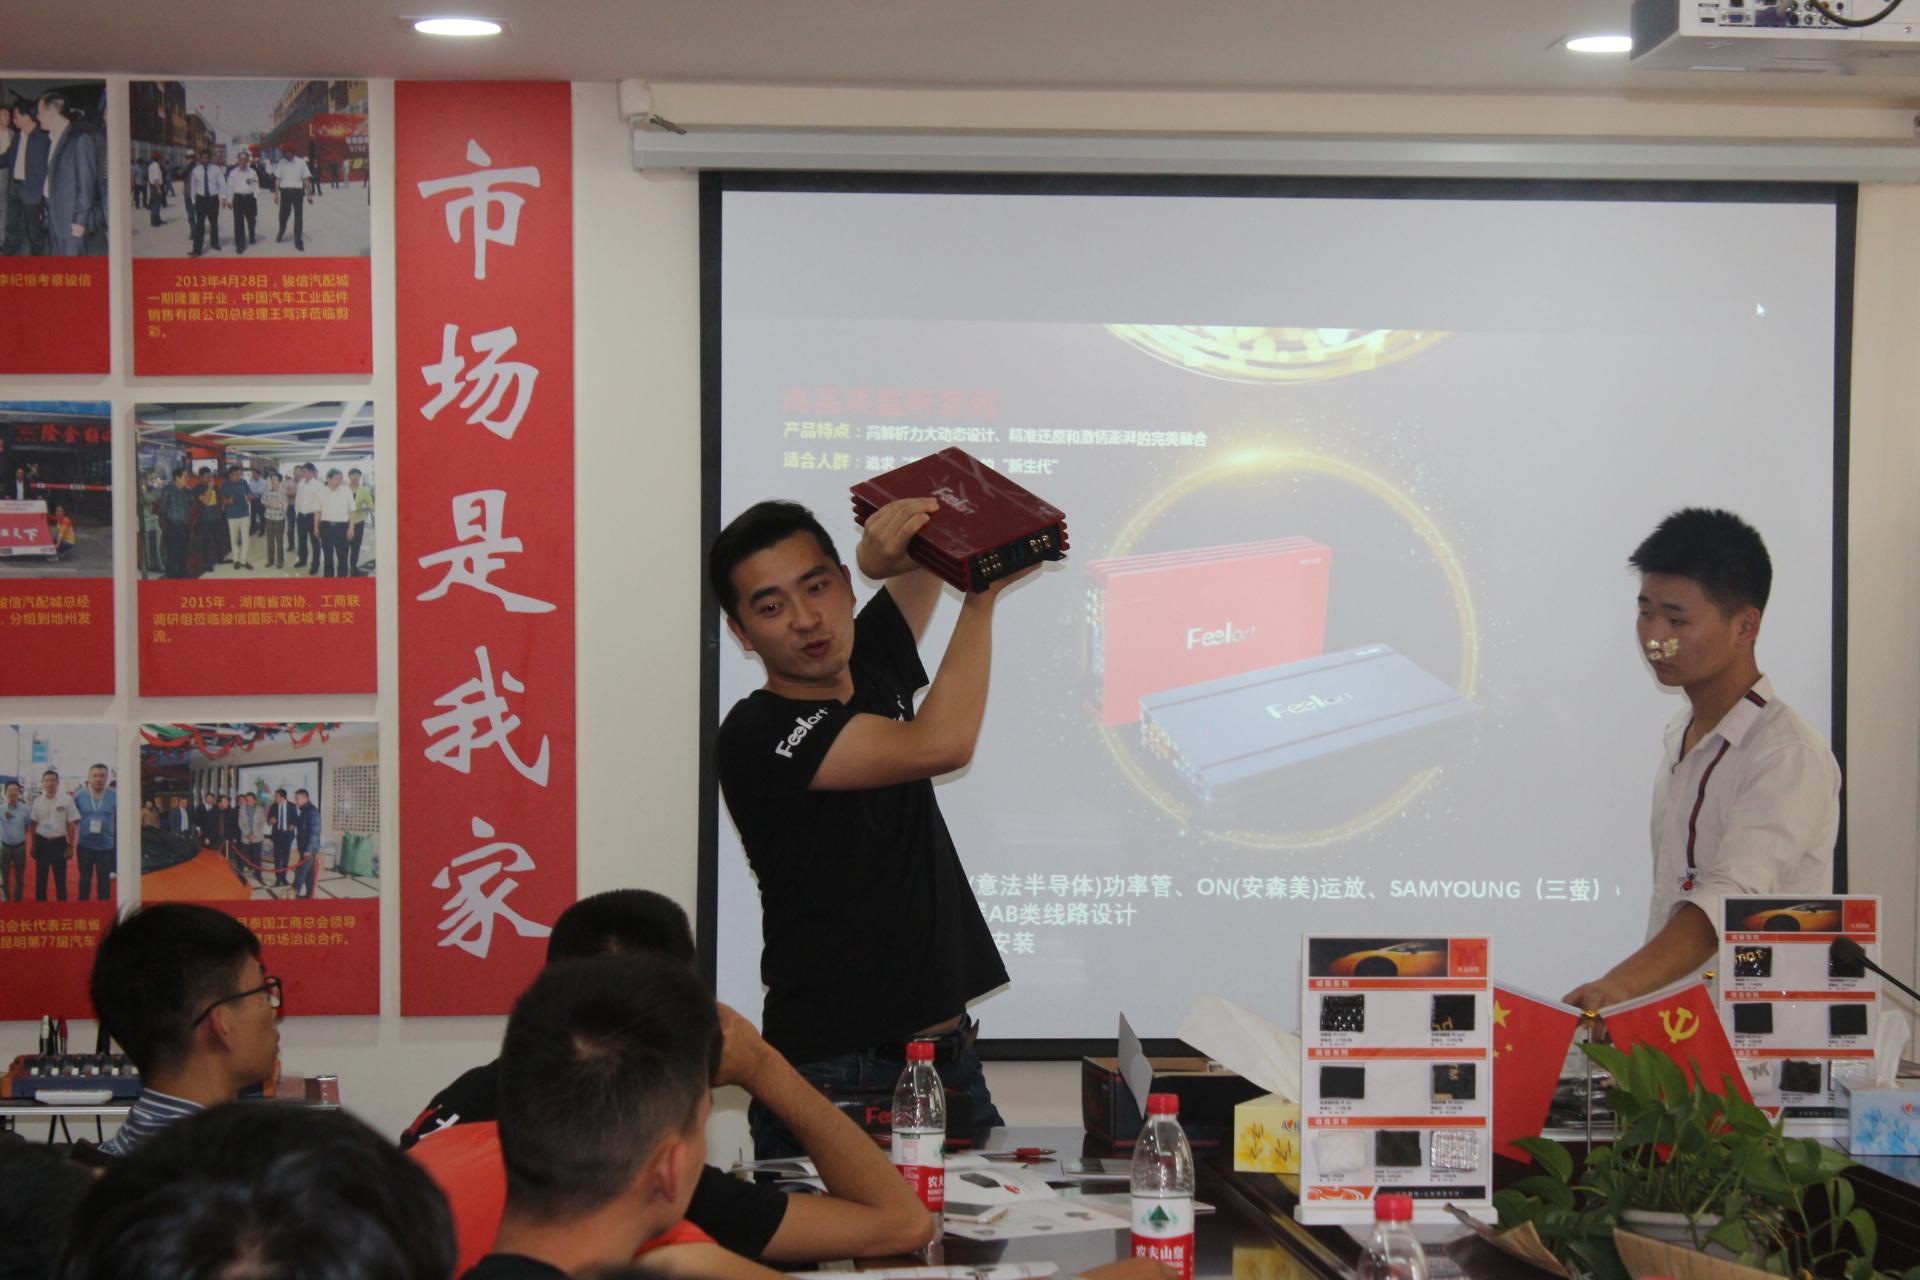 大麦静音新匠人训练营(昆明站)学习交流培训会